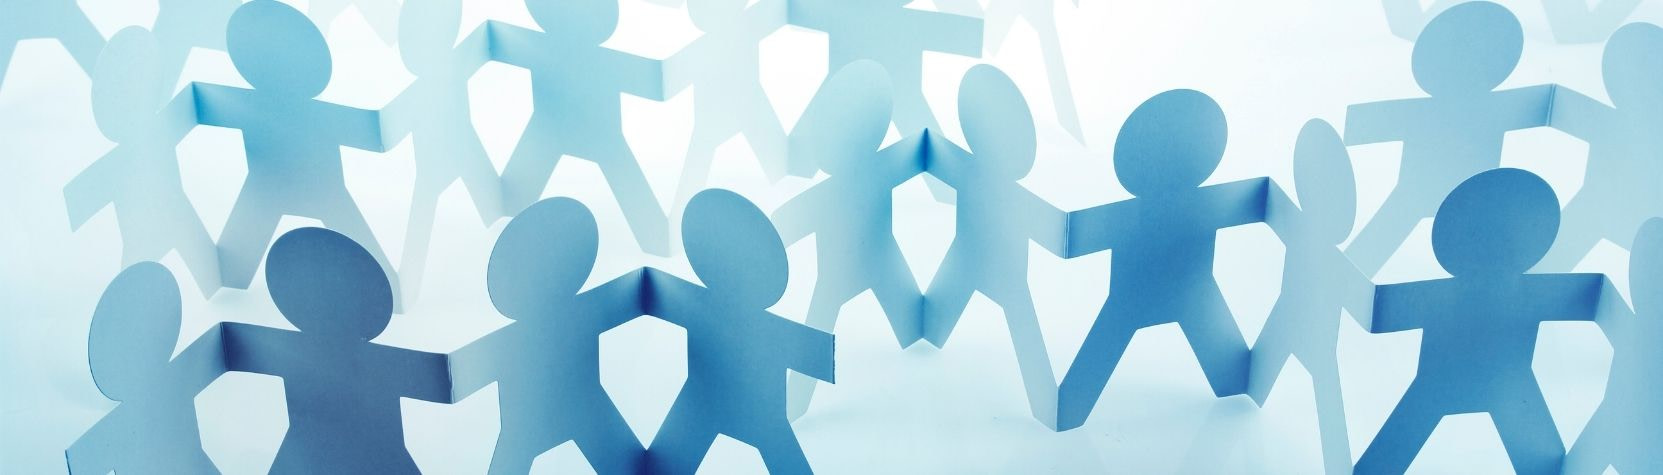 Vds training consultants blog teamontwikkeling haal meer uit je team